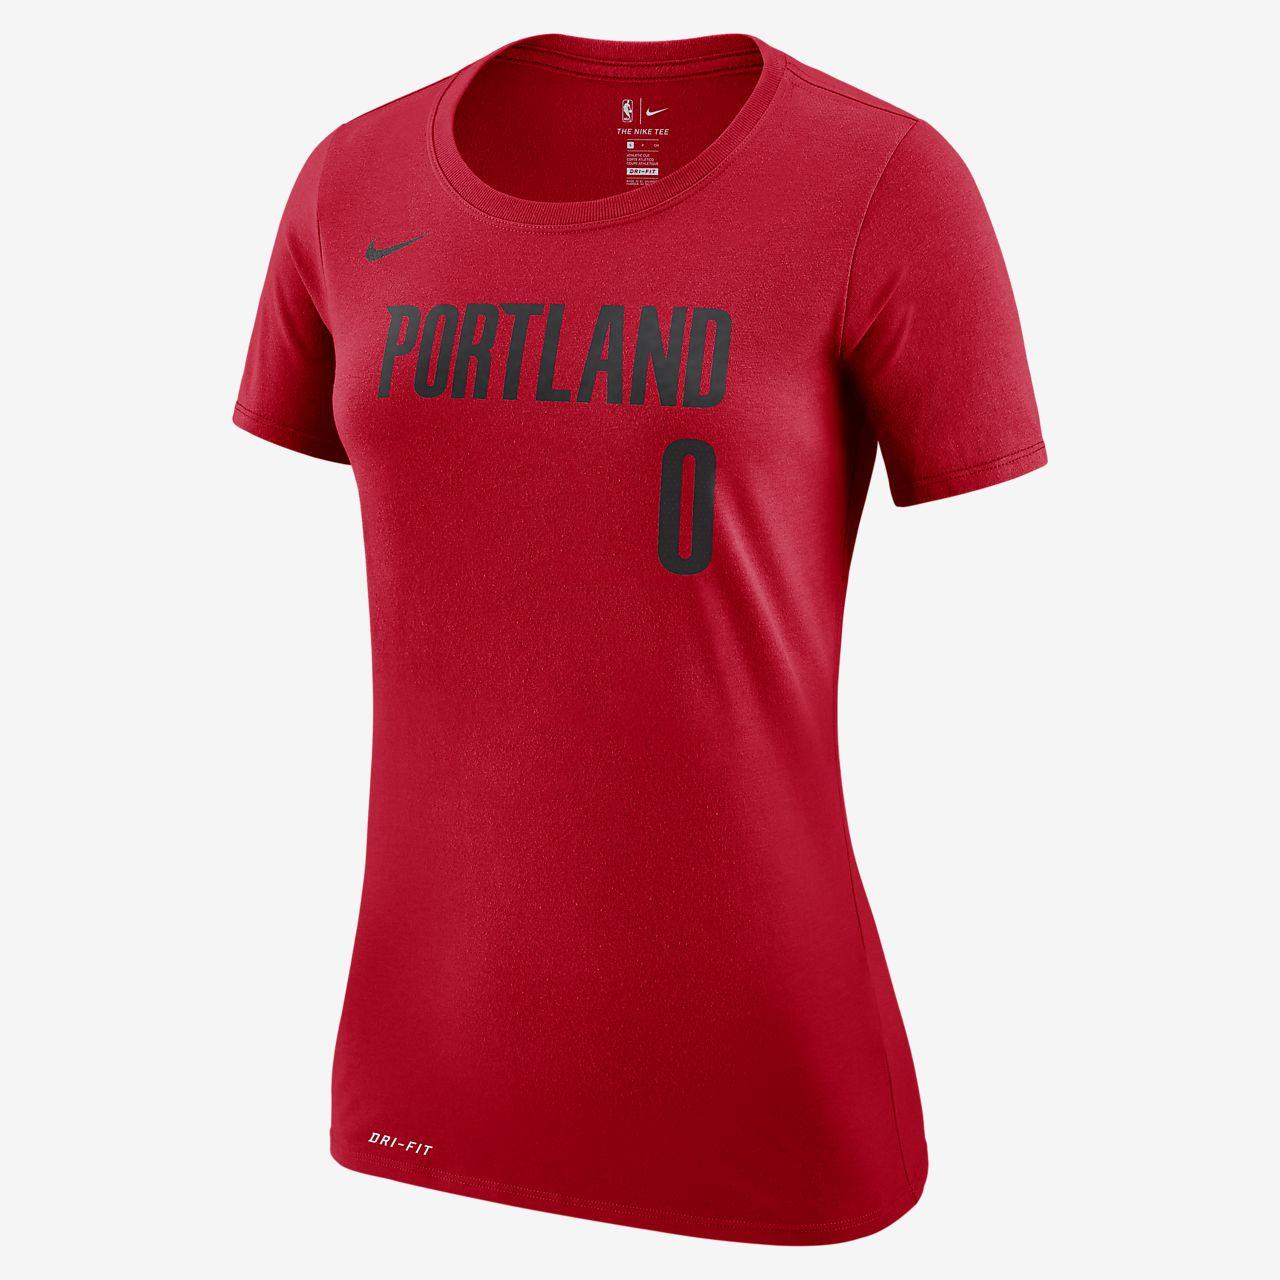 low priced 5d2fb e4b41 Damian Lillard Portland Trail Blazers Nike Dri-FIT Women's NBA T-Shirt